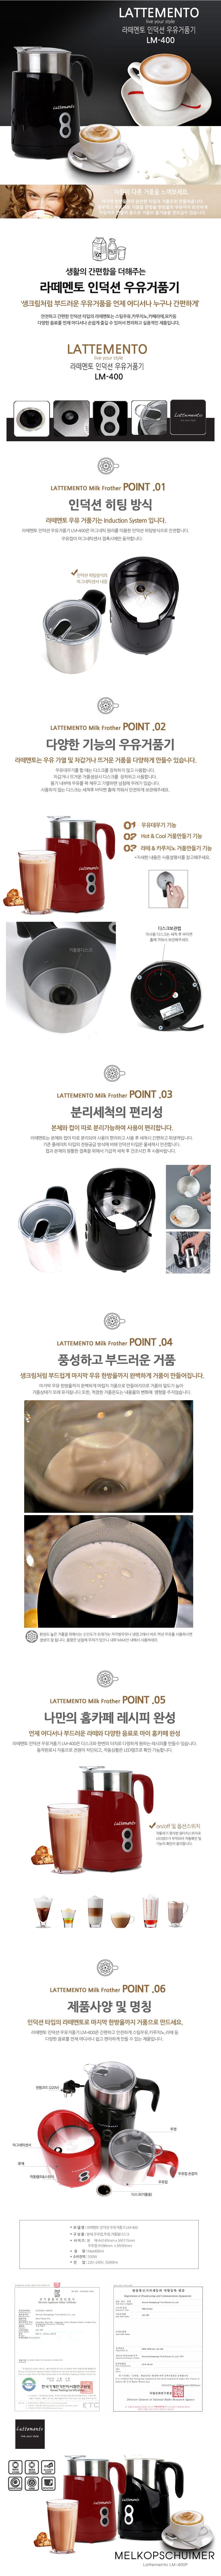 [라떼멘토] 전동우유거품기 400ml - 어라운지, 108,000원, 커피 용품, 우유거품기